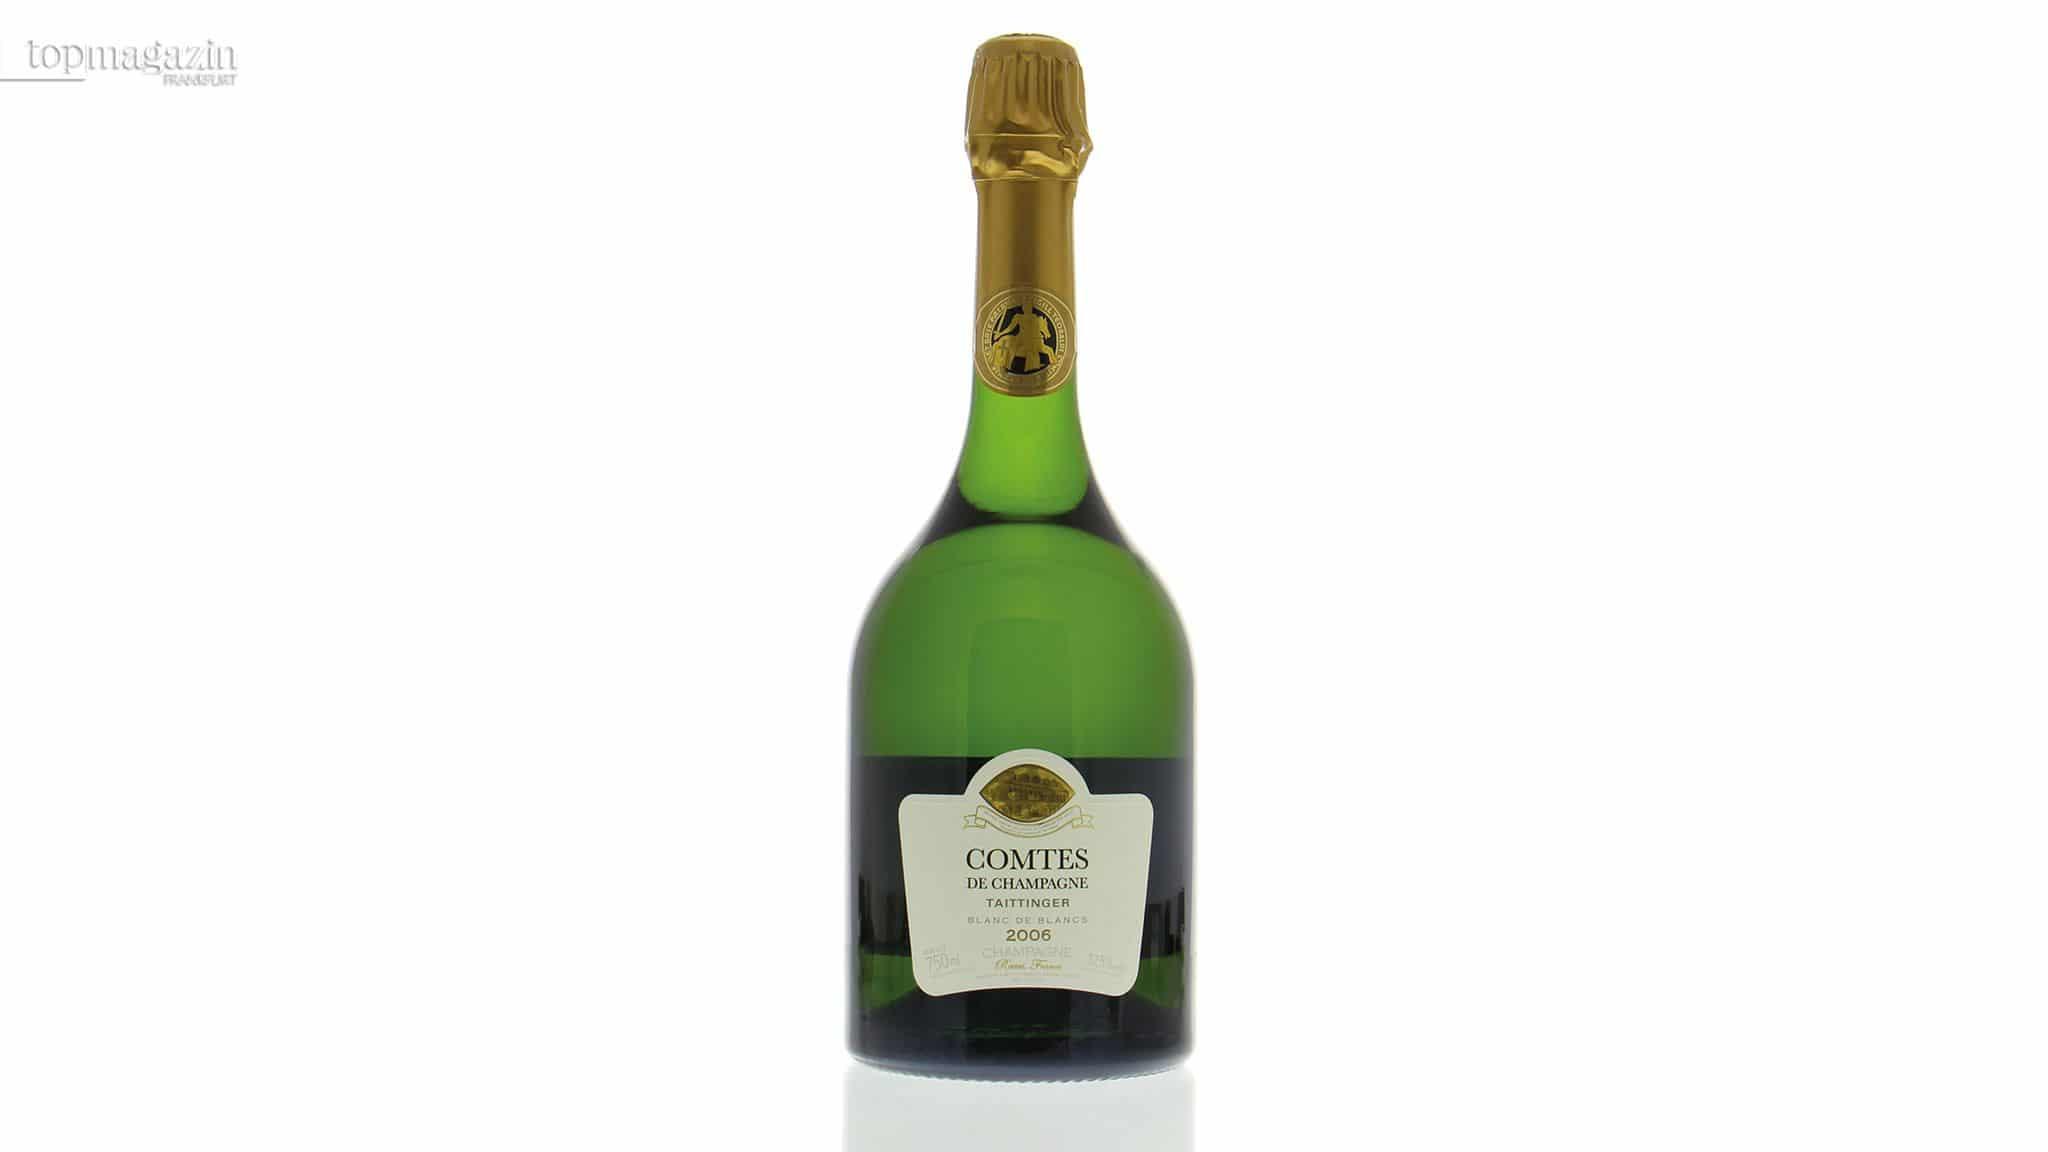 Get the Champagne: Die besten Premium- und Luxus-Champagner